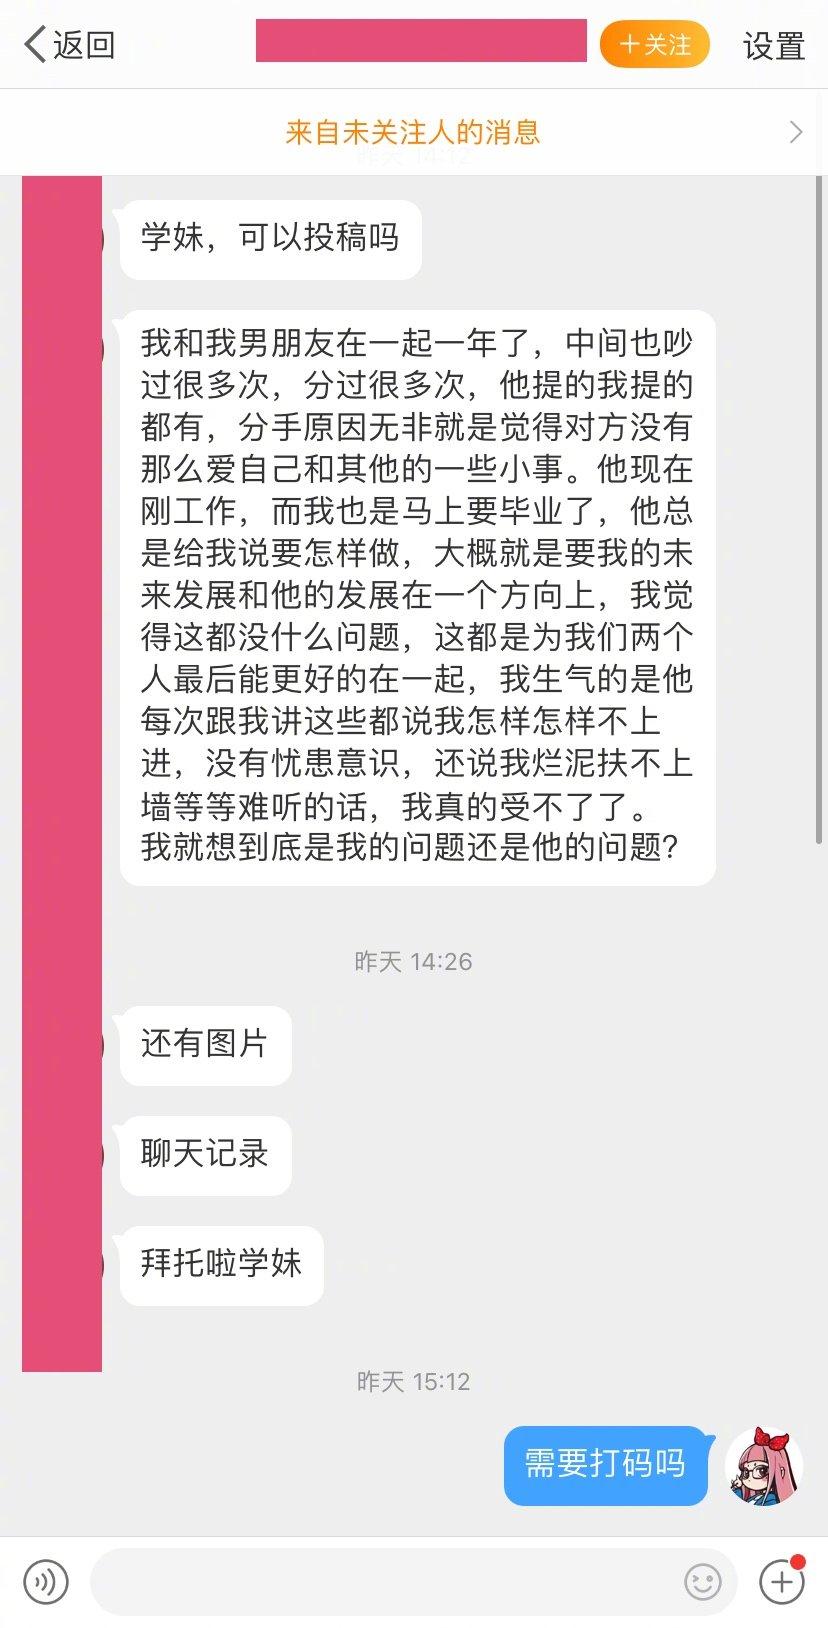 情感语录-【粉丝投稿】男朋友希望我的未来发...